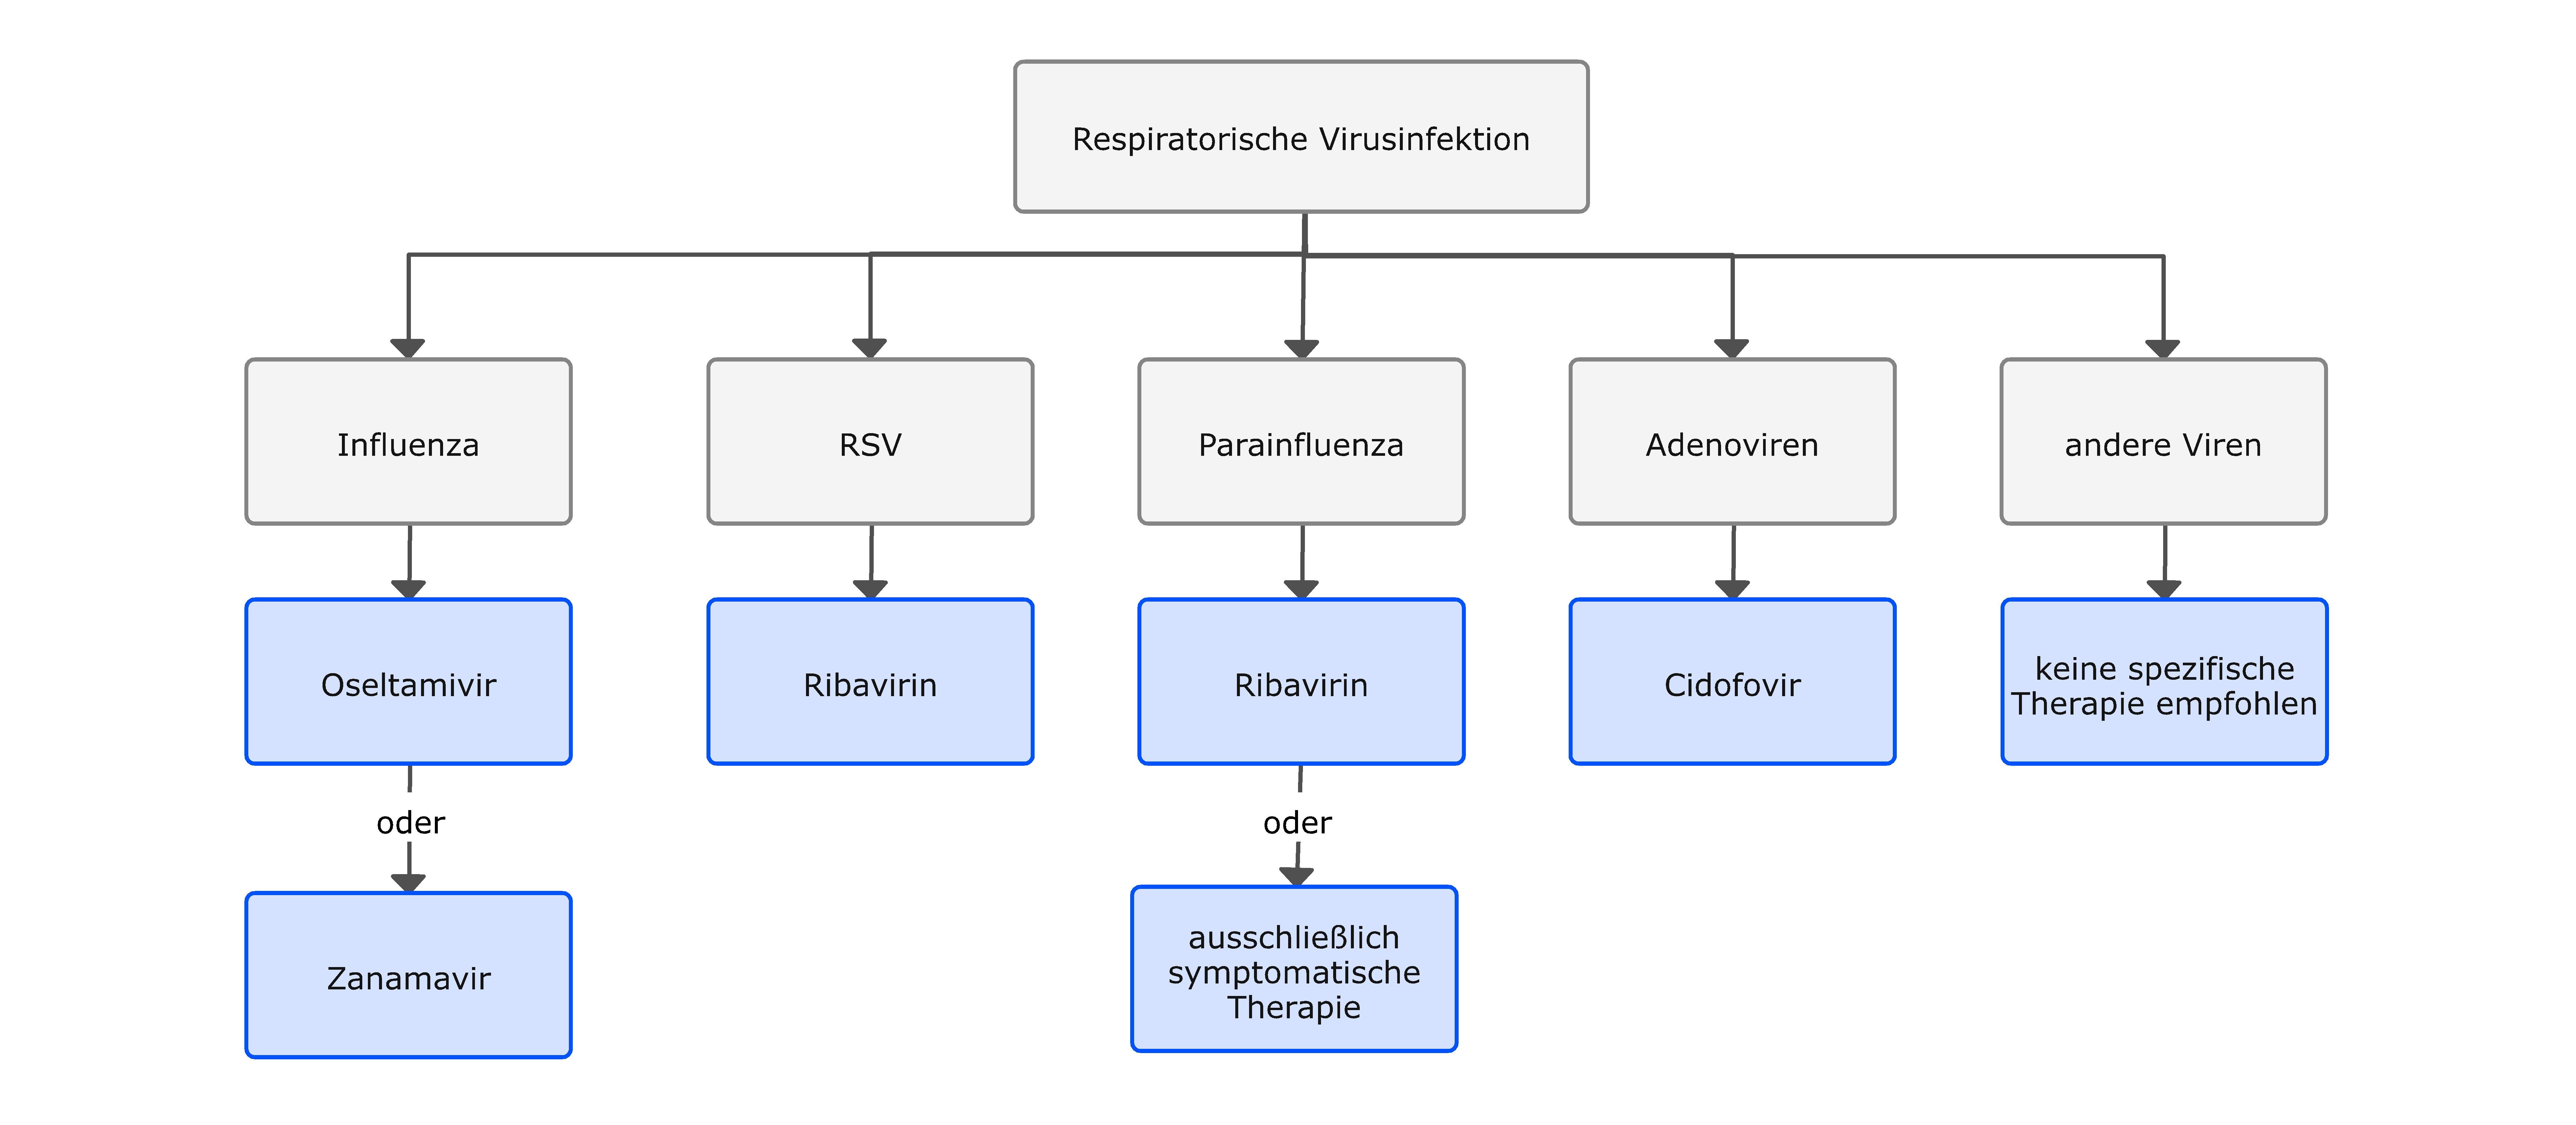 Antivirale Therapie bei respiratorischen Virus-Infektionen von Krebspatienten